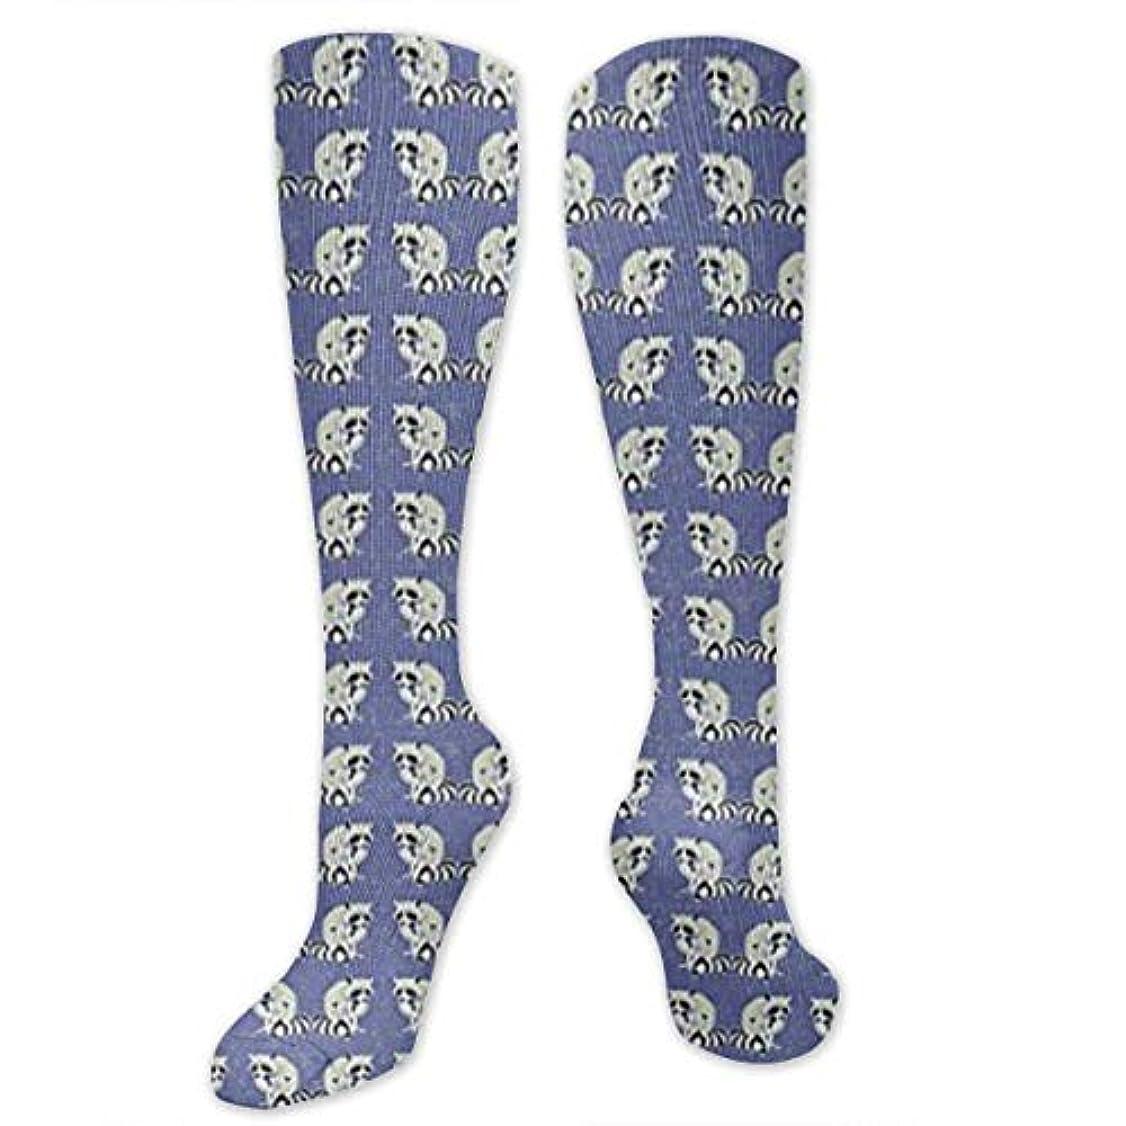 適度に現金崖靴下,ストッキング,野生のジョーカー,実際,秋の本質,冬必須,サマーウェア&RBXAA Blue Raccoons Socks Women's Winter Cotton Long Tube Socks Cotton Solid...